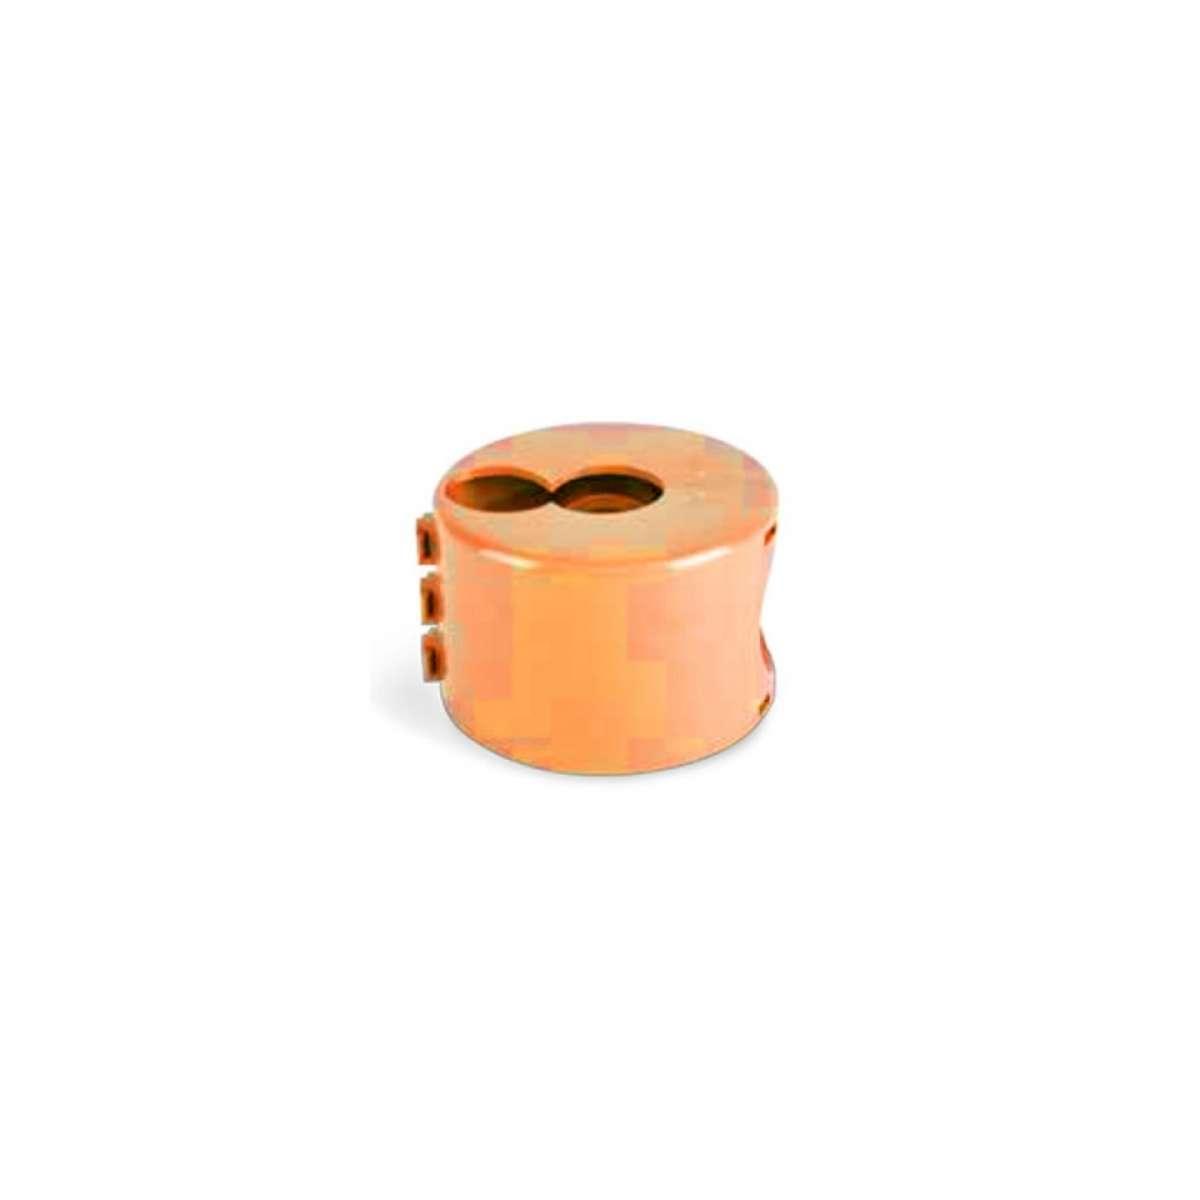 IsoLink Pump Color-Coding Ring - Orange